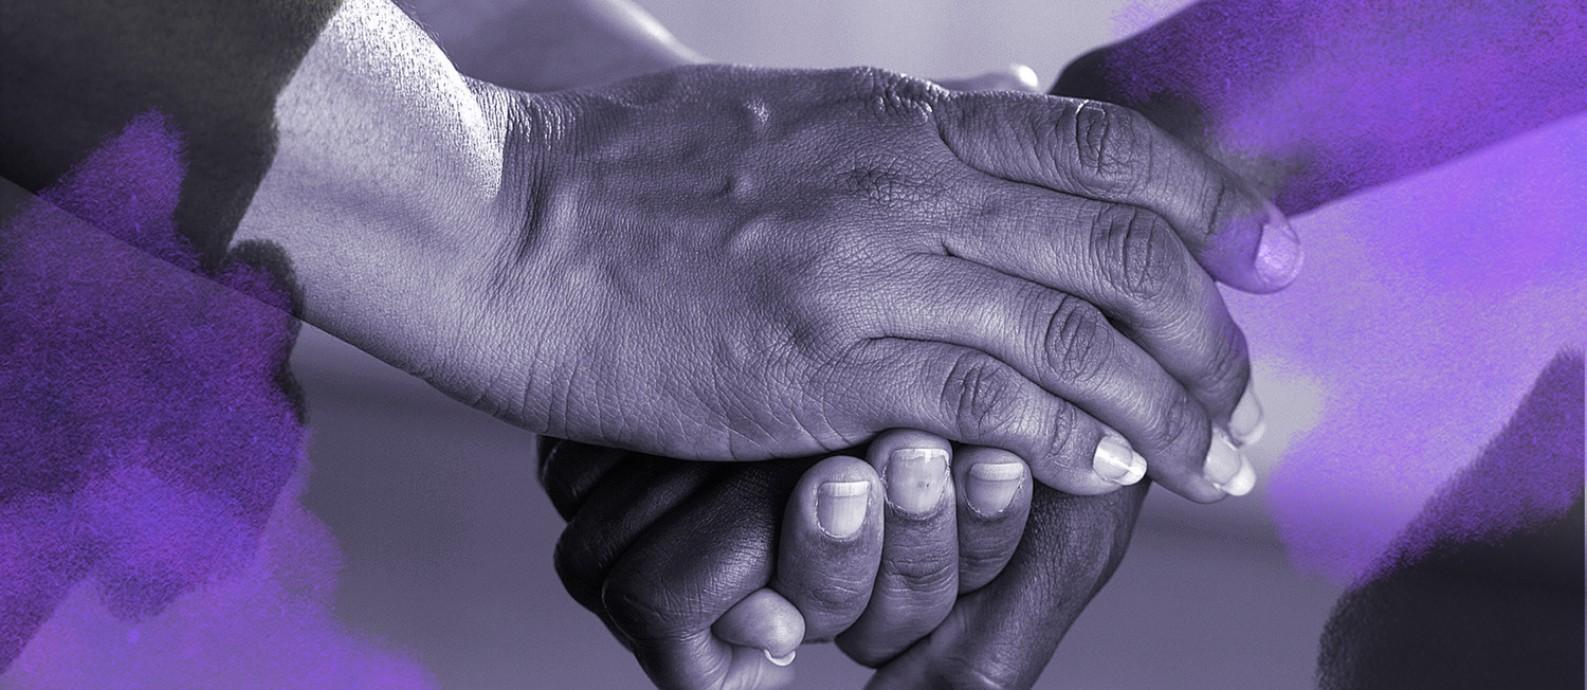 Projetos promovem ações solidárias voltadas para mulheres em situação de vulnerabilidade durante a pandemia de coronavírus. Foto: Arte sobre foto do Pixabay